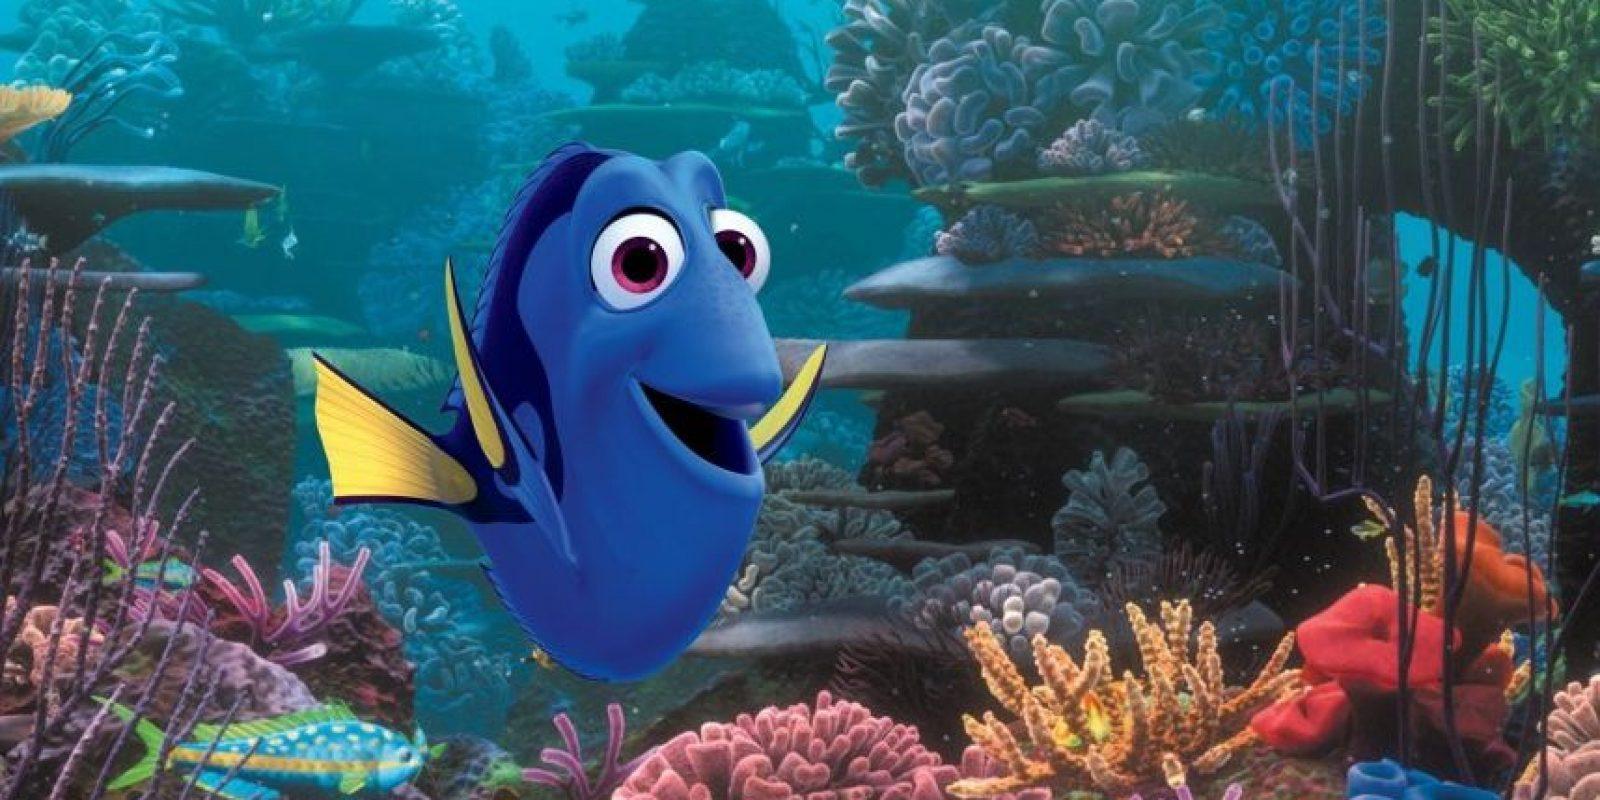 Además de poder ver a los personajes de la entrega anterior (entre ellos a los amigos de Nemo de la pecera del dentista P. Sherman), habrá una serie de nuevos peces que se suman a la historia, como los padres de Dory. Foto:Facebook/Finding Dory